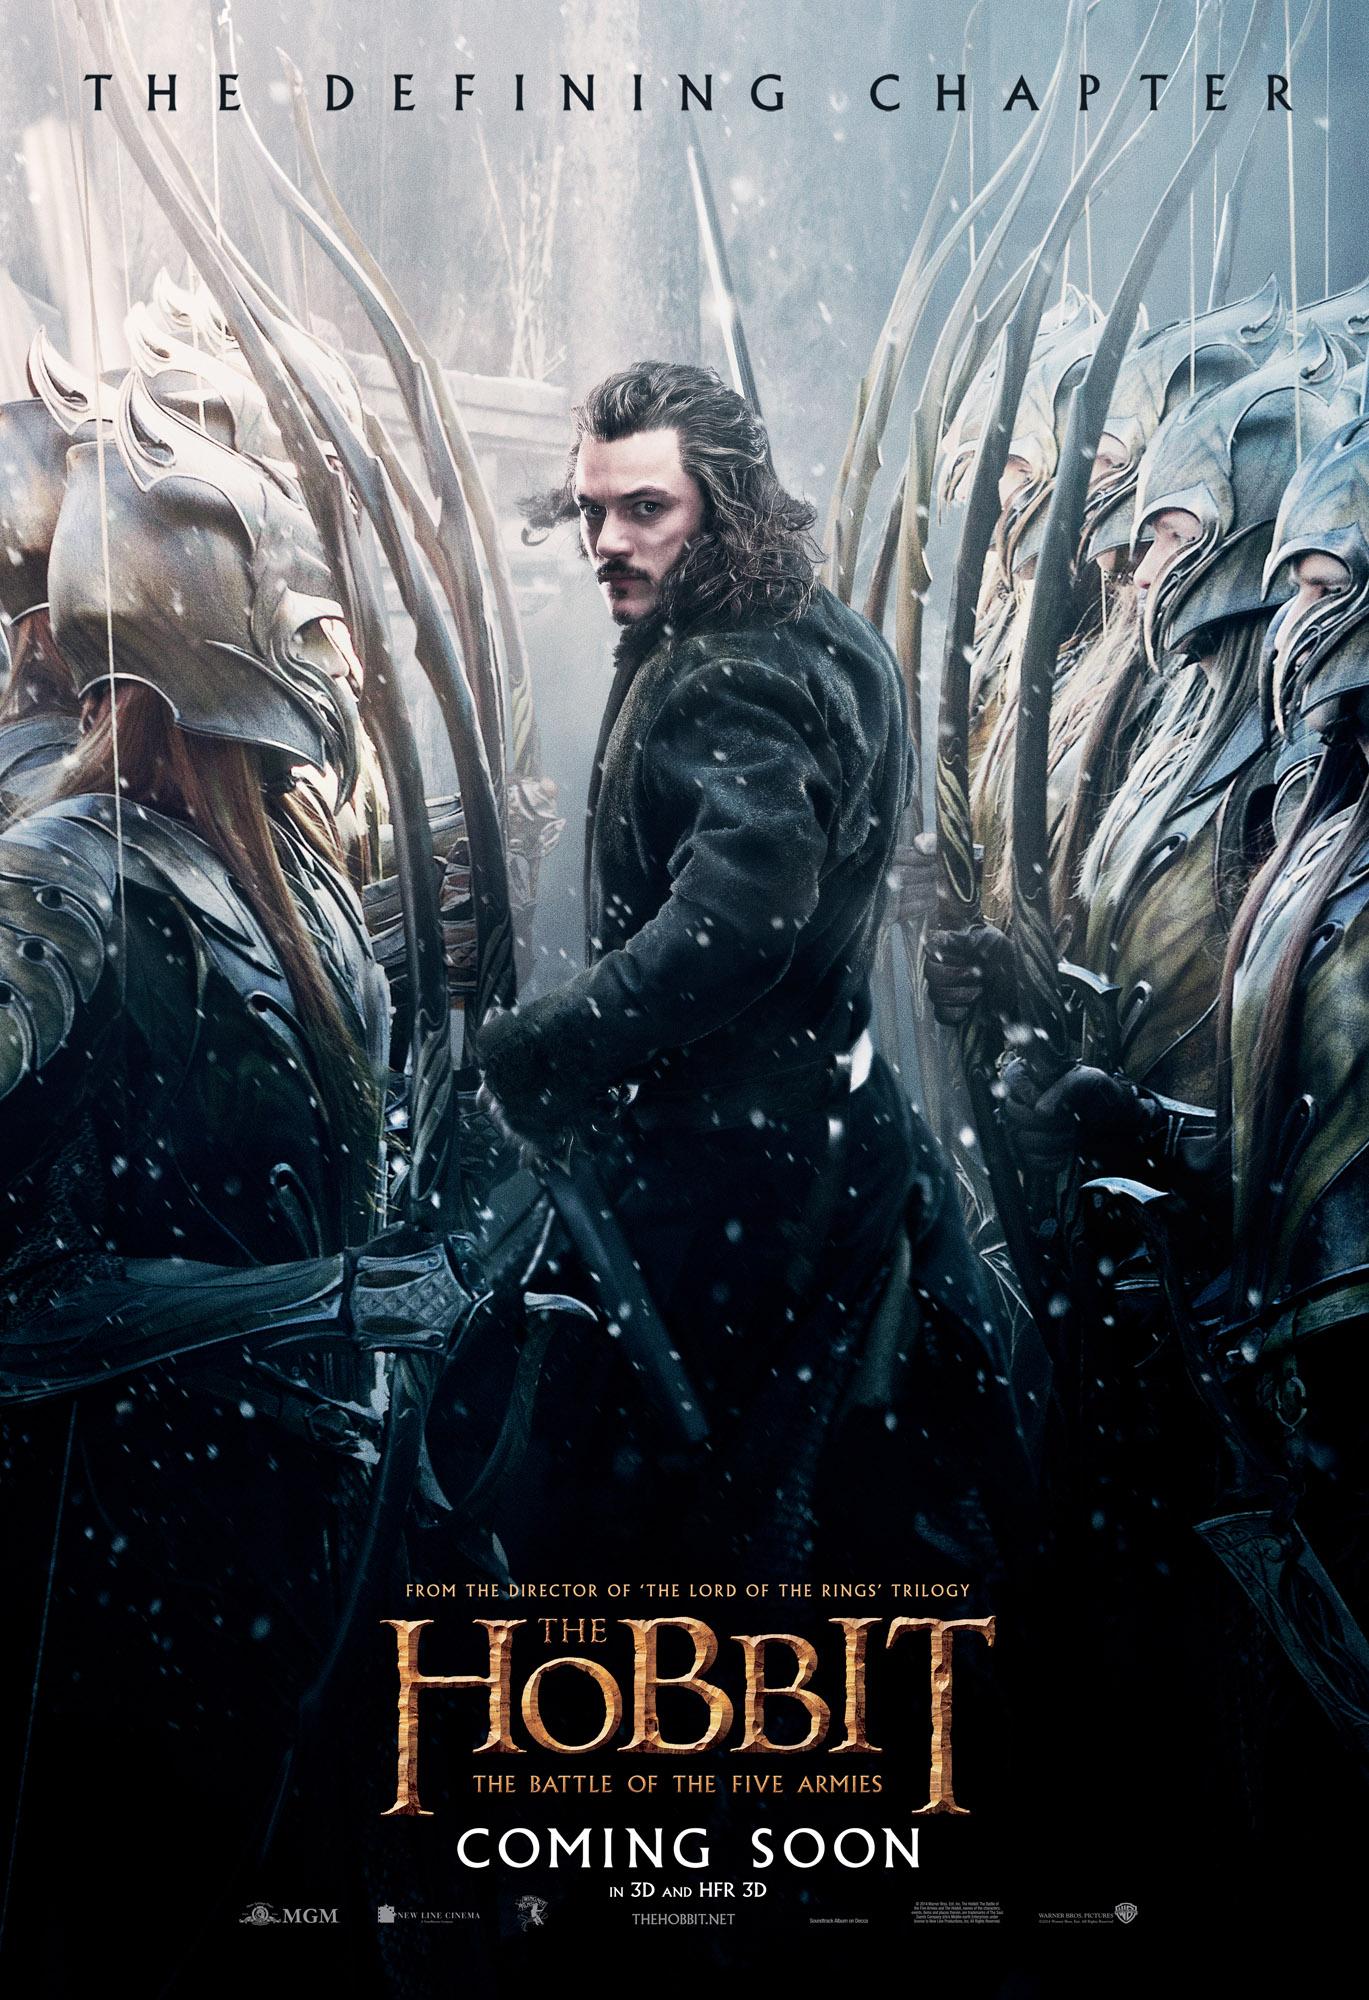 Le Seigneur des Anneaux / The Hobbit #3 HBFA_Bus_BardArmy_RGB_INTL